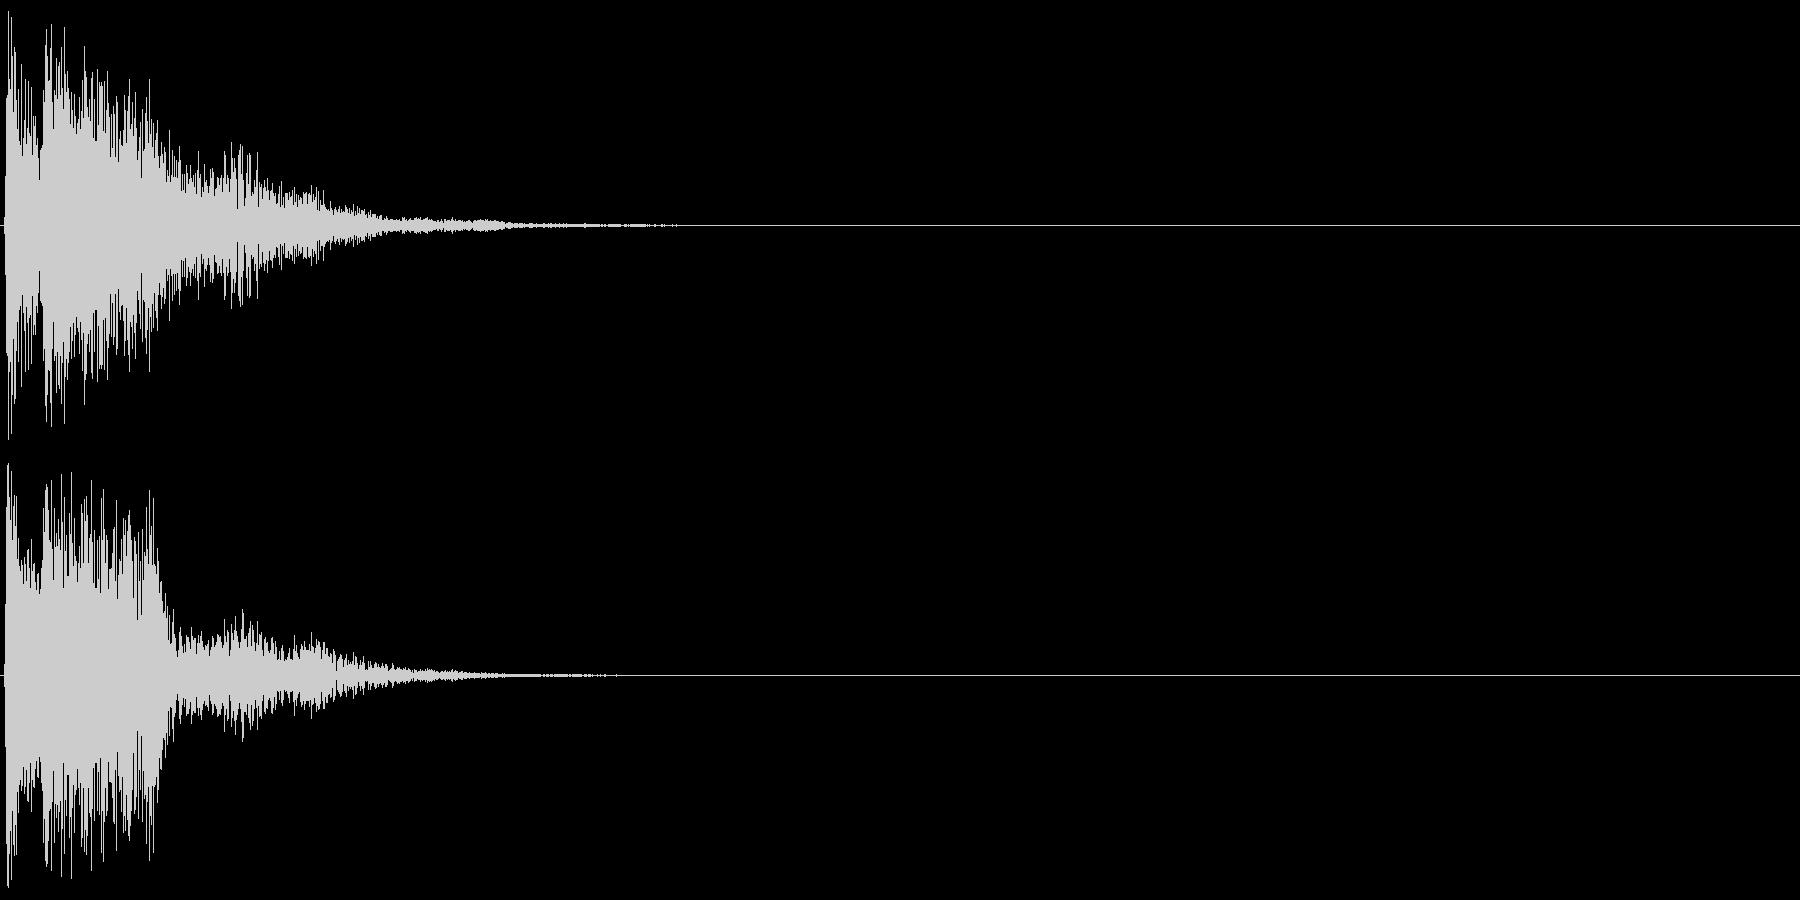 キラン(決定音、起動音、ゲームアプリ)の未再生の波形